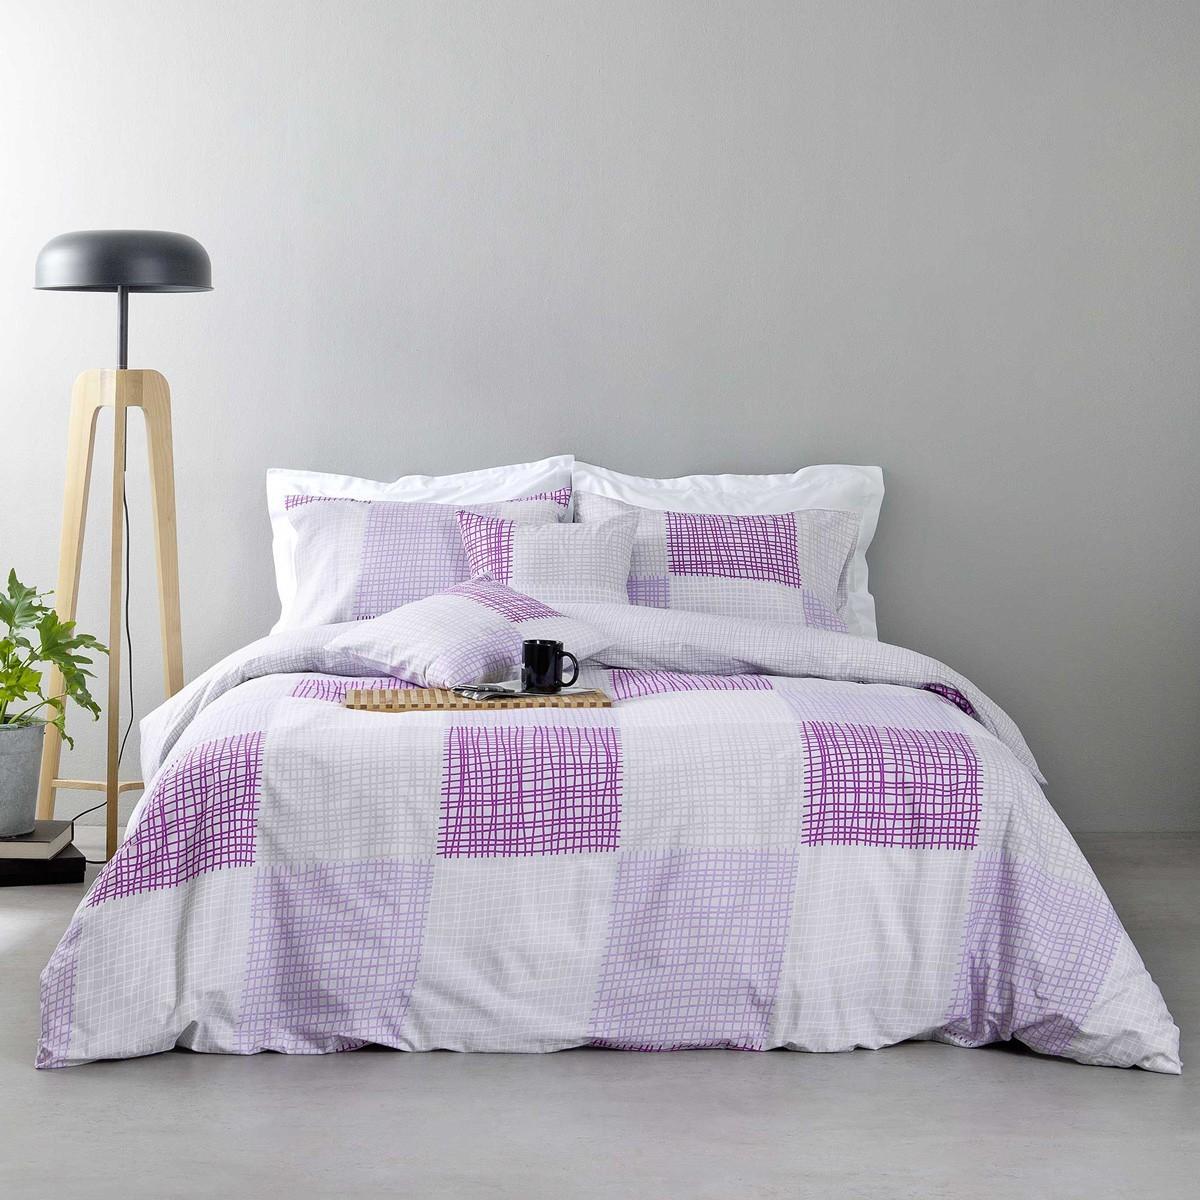 Παπλωματοθήκη Υπέρδιπλη (Σετ) Nima Bed Linen Rattan Lilac